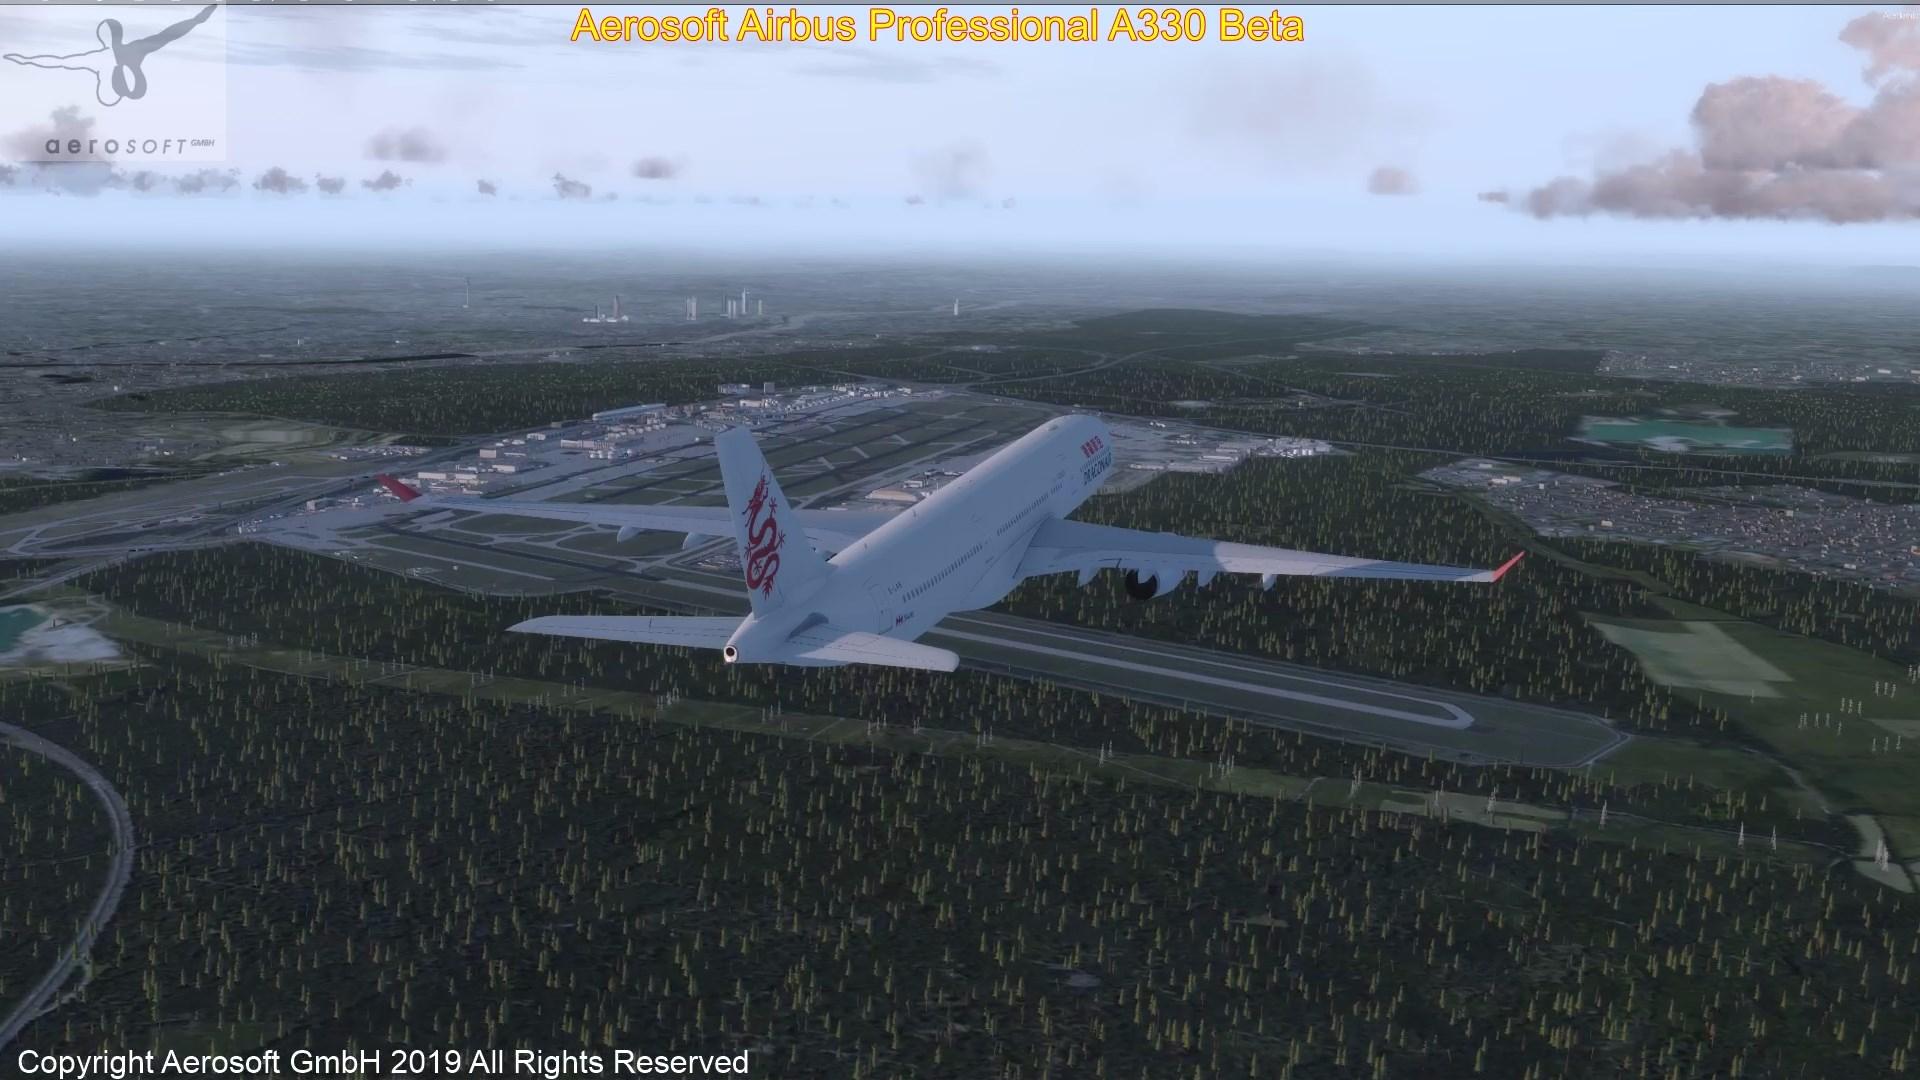 Aerosoft USA Shares Live Stream of A330 Professional – FSElite